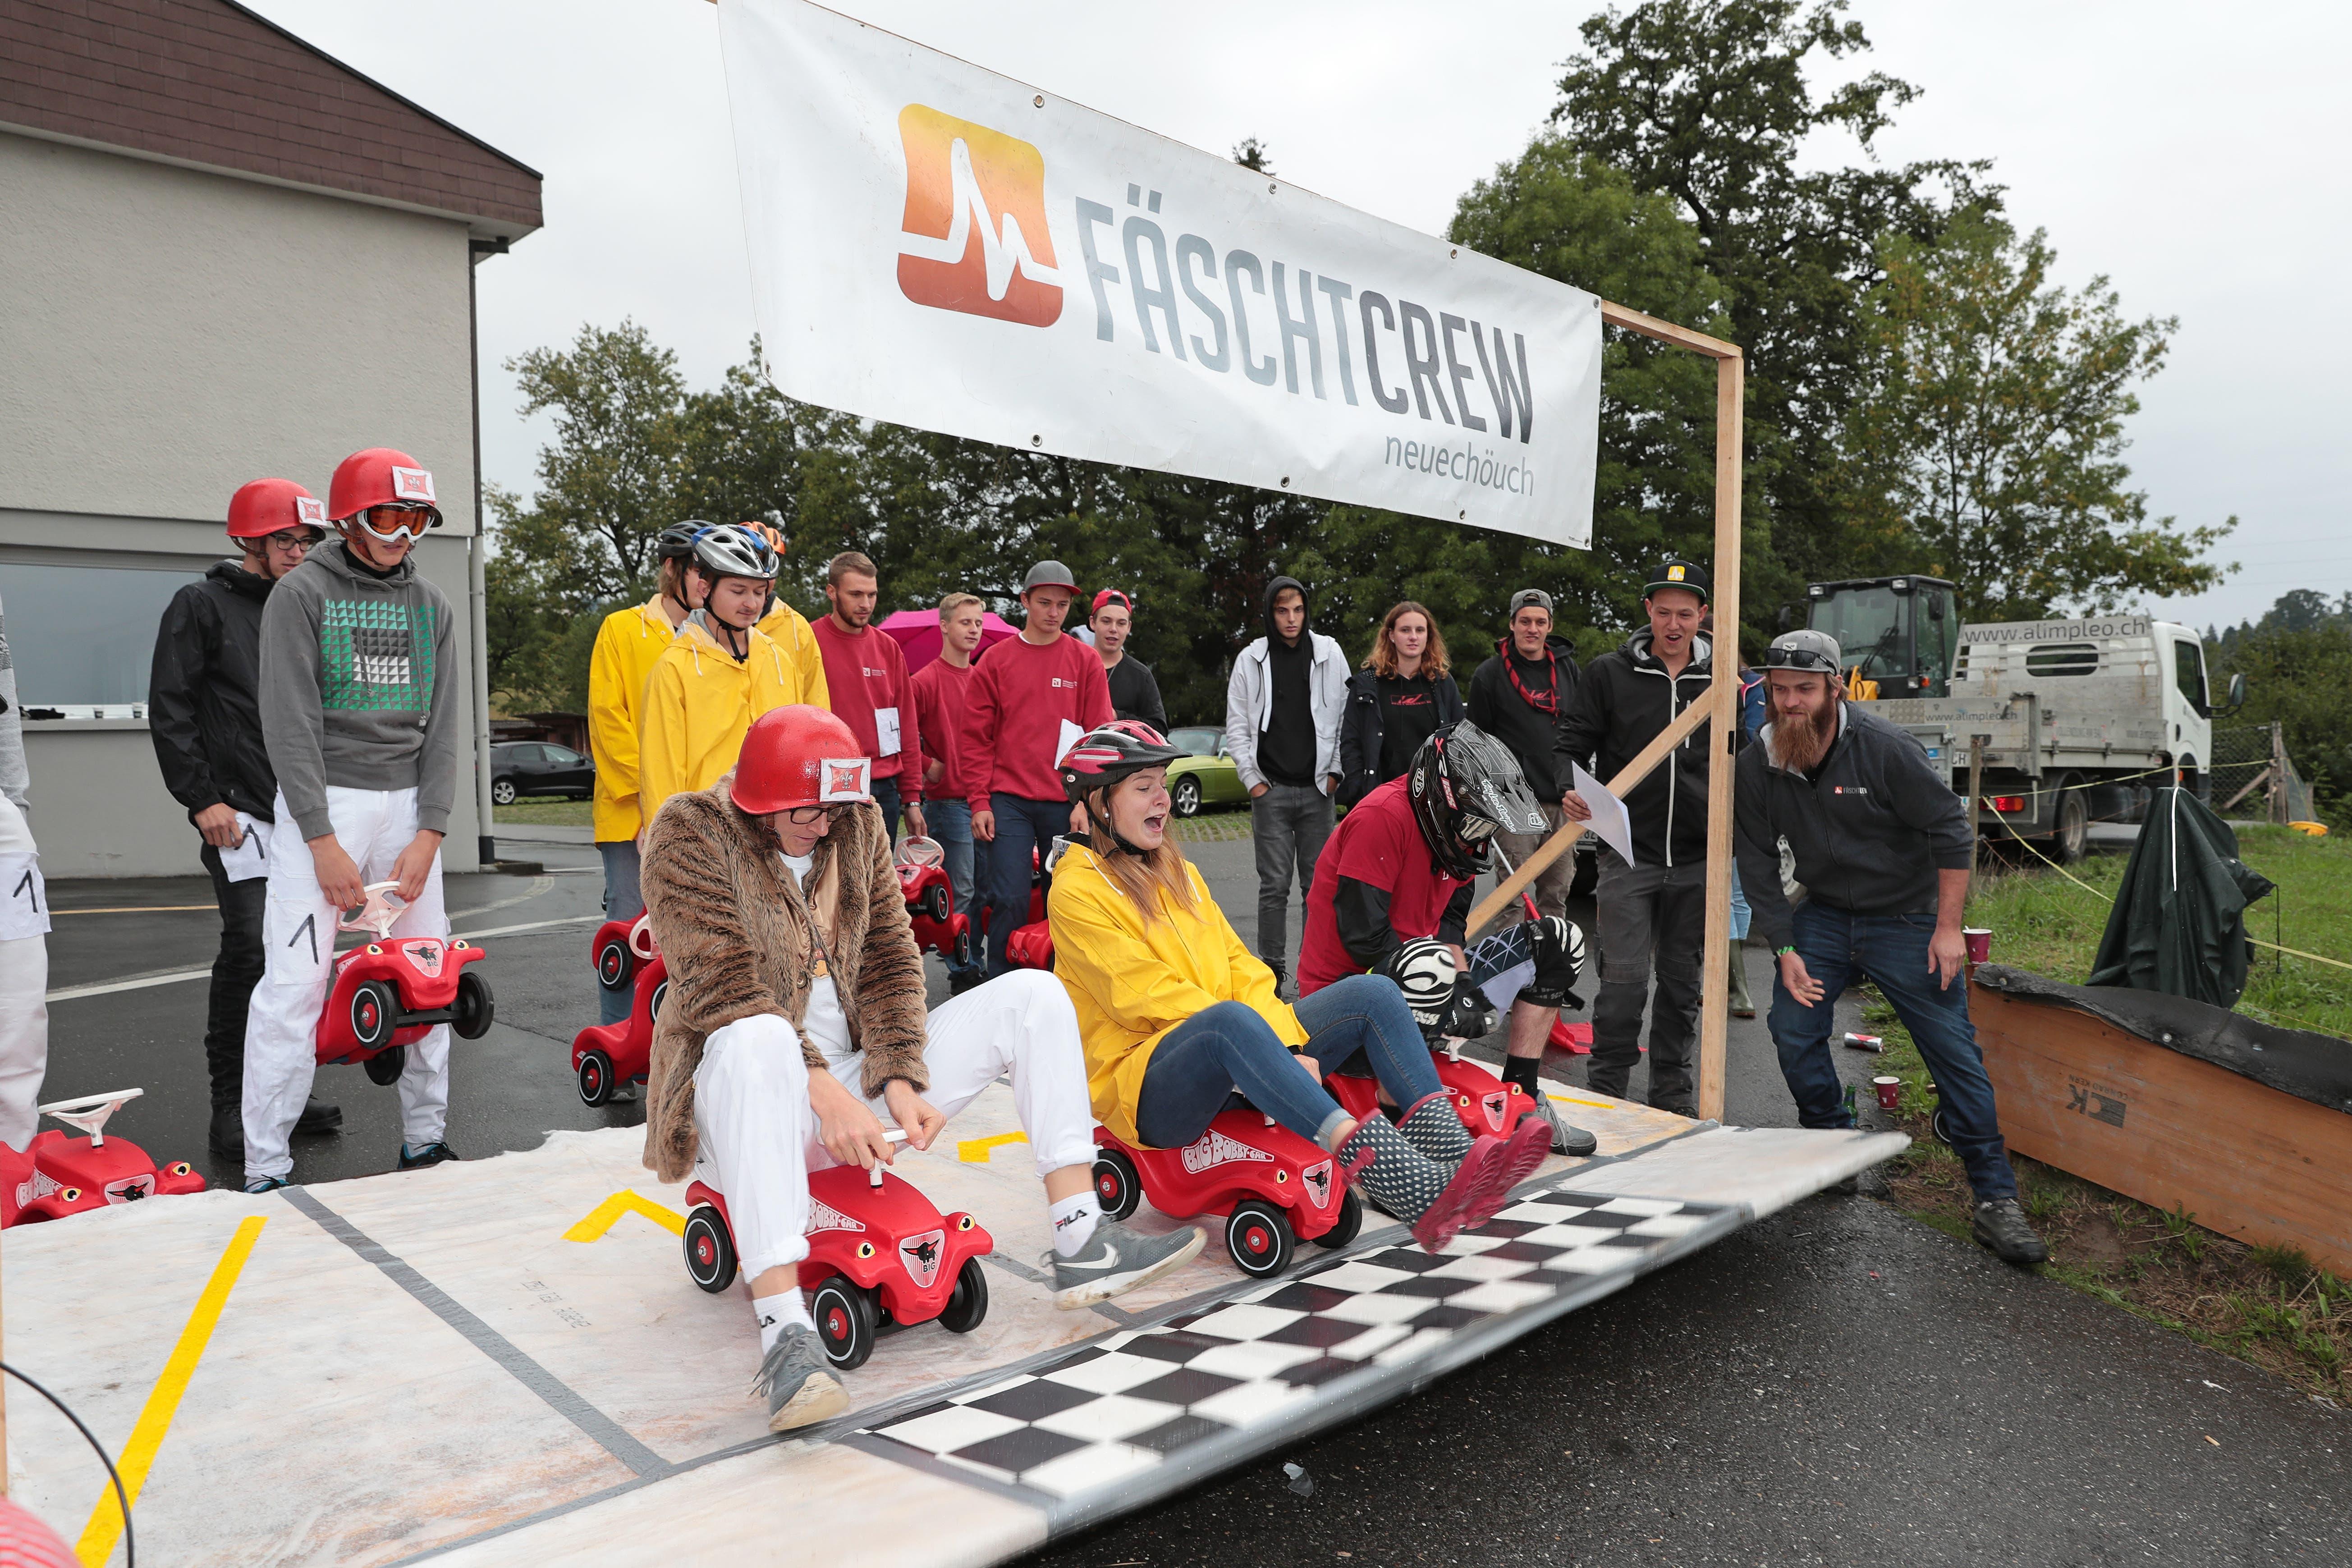 Das Bobbycar Rennen 2018 aufgenommen am Samstag den 1. September 2018 in Neuenkirch.Der Start1 Corööners (links), 8 Schnägge Team, 4 Chrampfsieche.(Bild: Roger Zbinden, freier Fotograf (Neuenkirch, 1. September 2018))